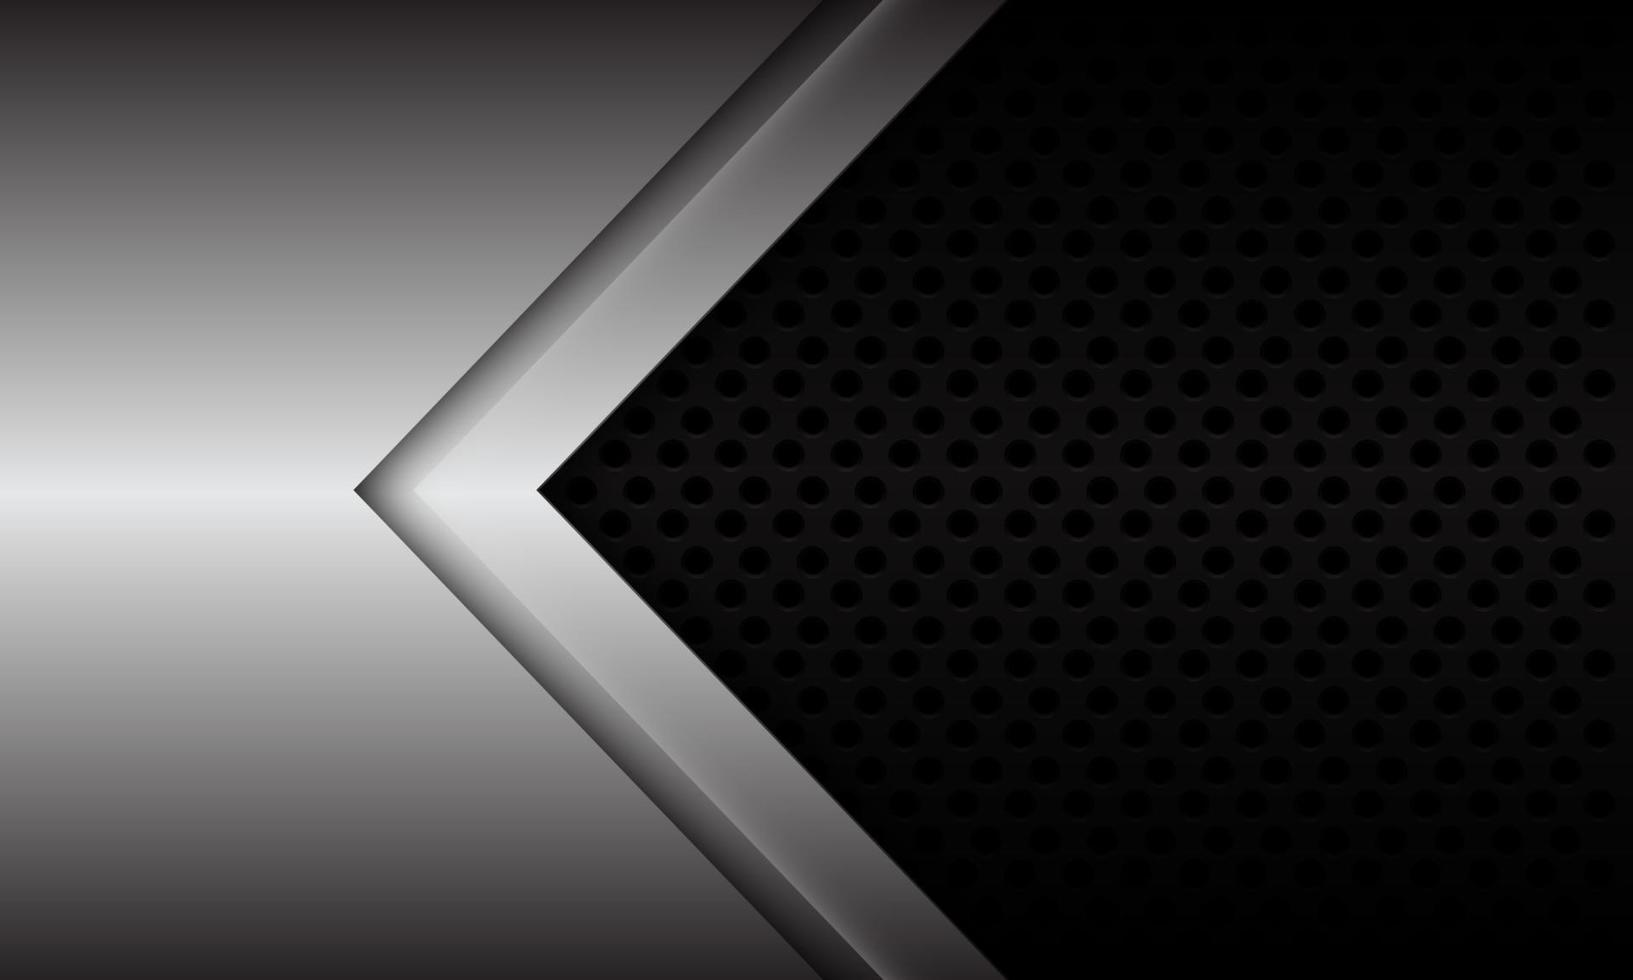 La dirección de la flecha de plata abstracta en el diseño de malla de círculo metálico negro moderno fondo futurista ilustración vectorial. vector